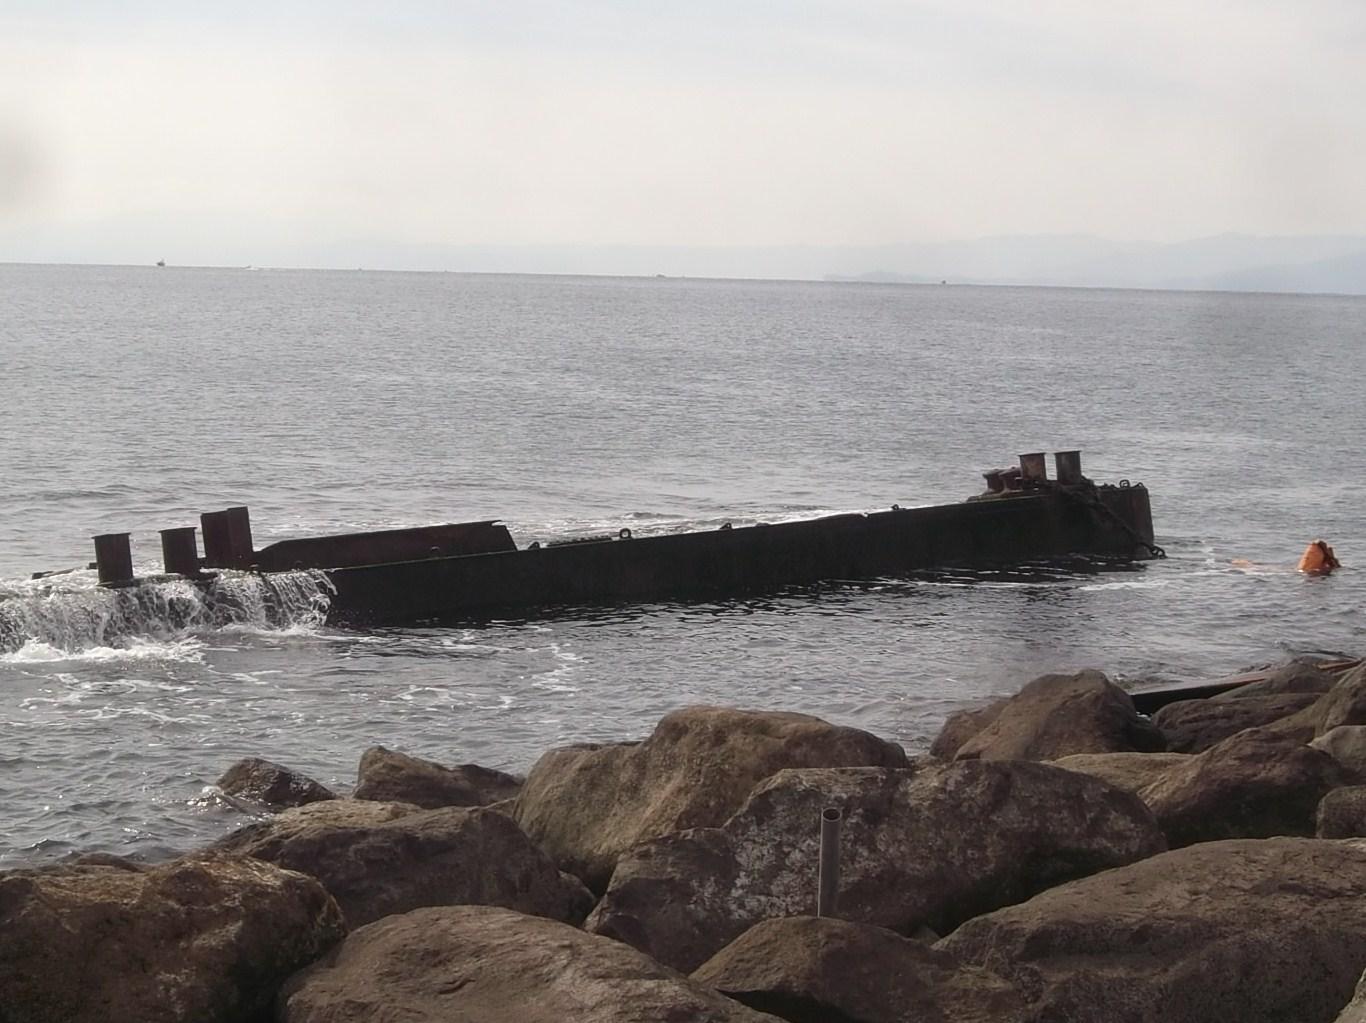 海岸に難破船が漂流?..茅ヶ崎の座礁船_b0137932_13523059.jpg